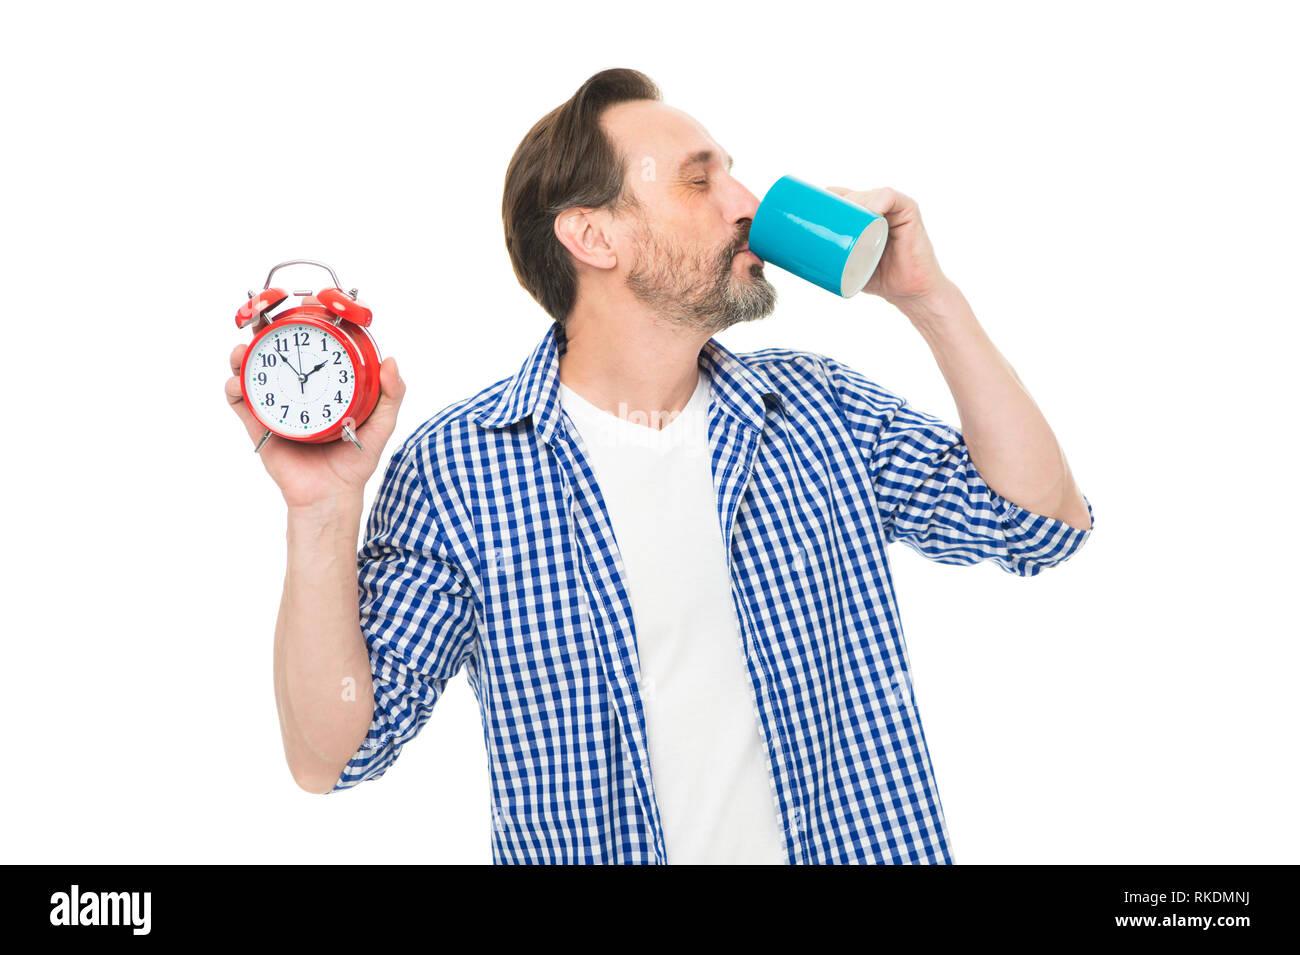 Et que vous soyez excité. Homme mature barbus boire du café avec l'horloge dans la main. Homme mature avec réveil de boire une boisson chaude. Son temps de boire le café du matin. À partir journée dans la bonne humeur. Photo Stock